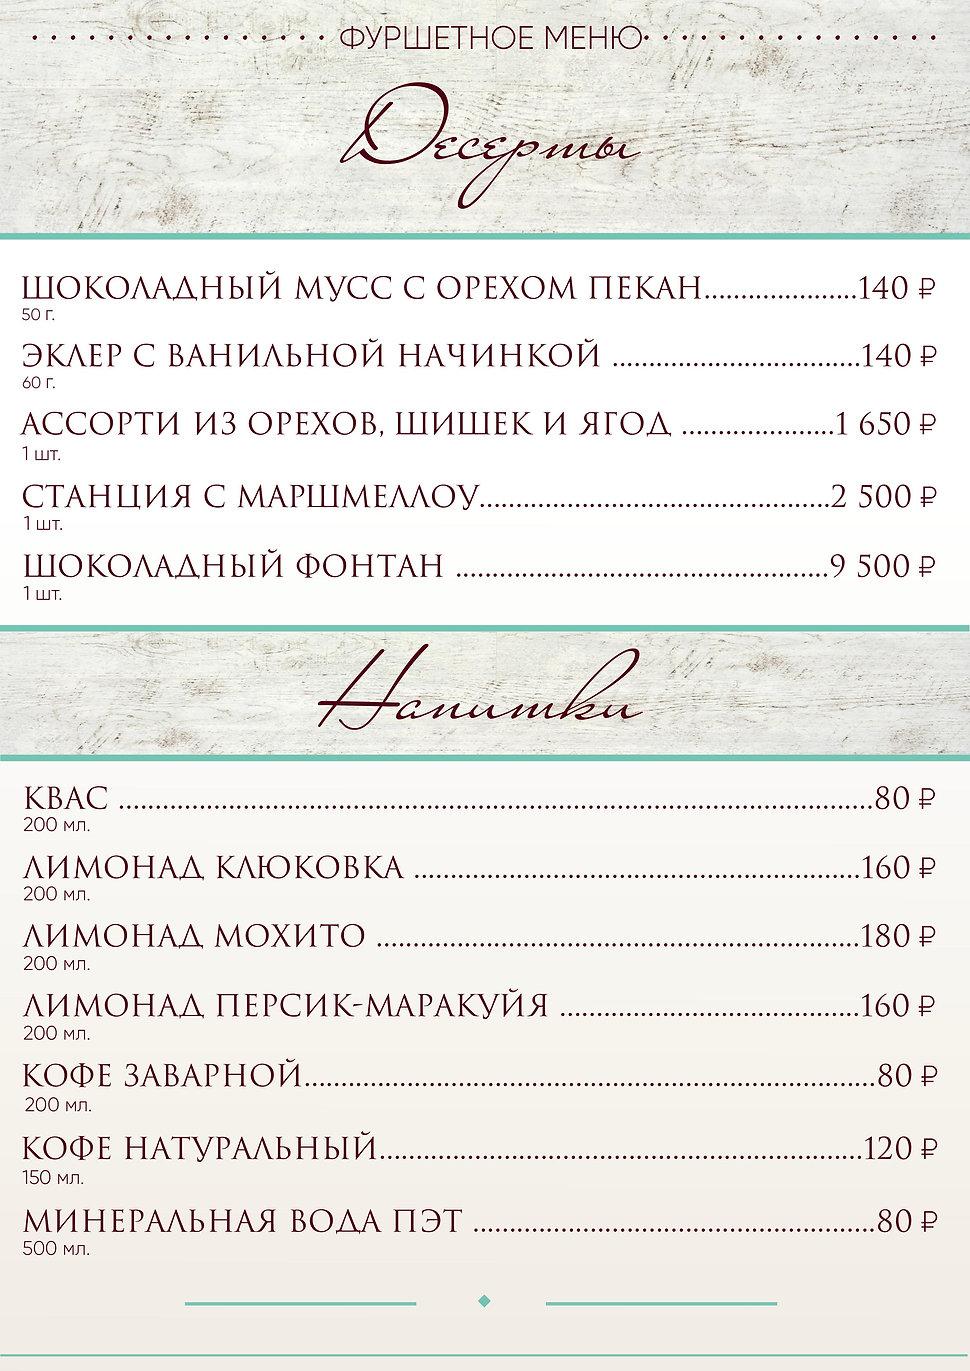 фуршетное меню - 18.jpg